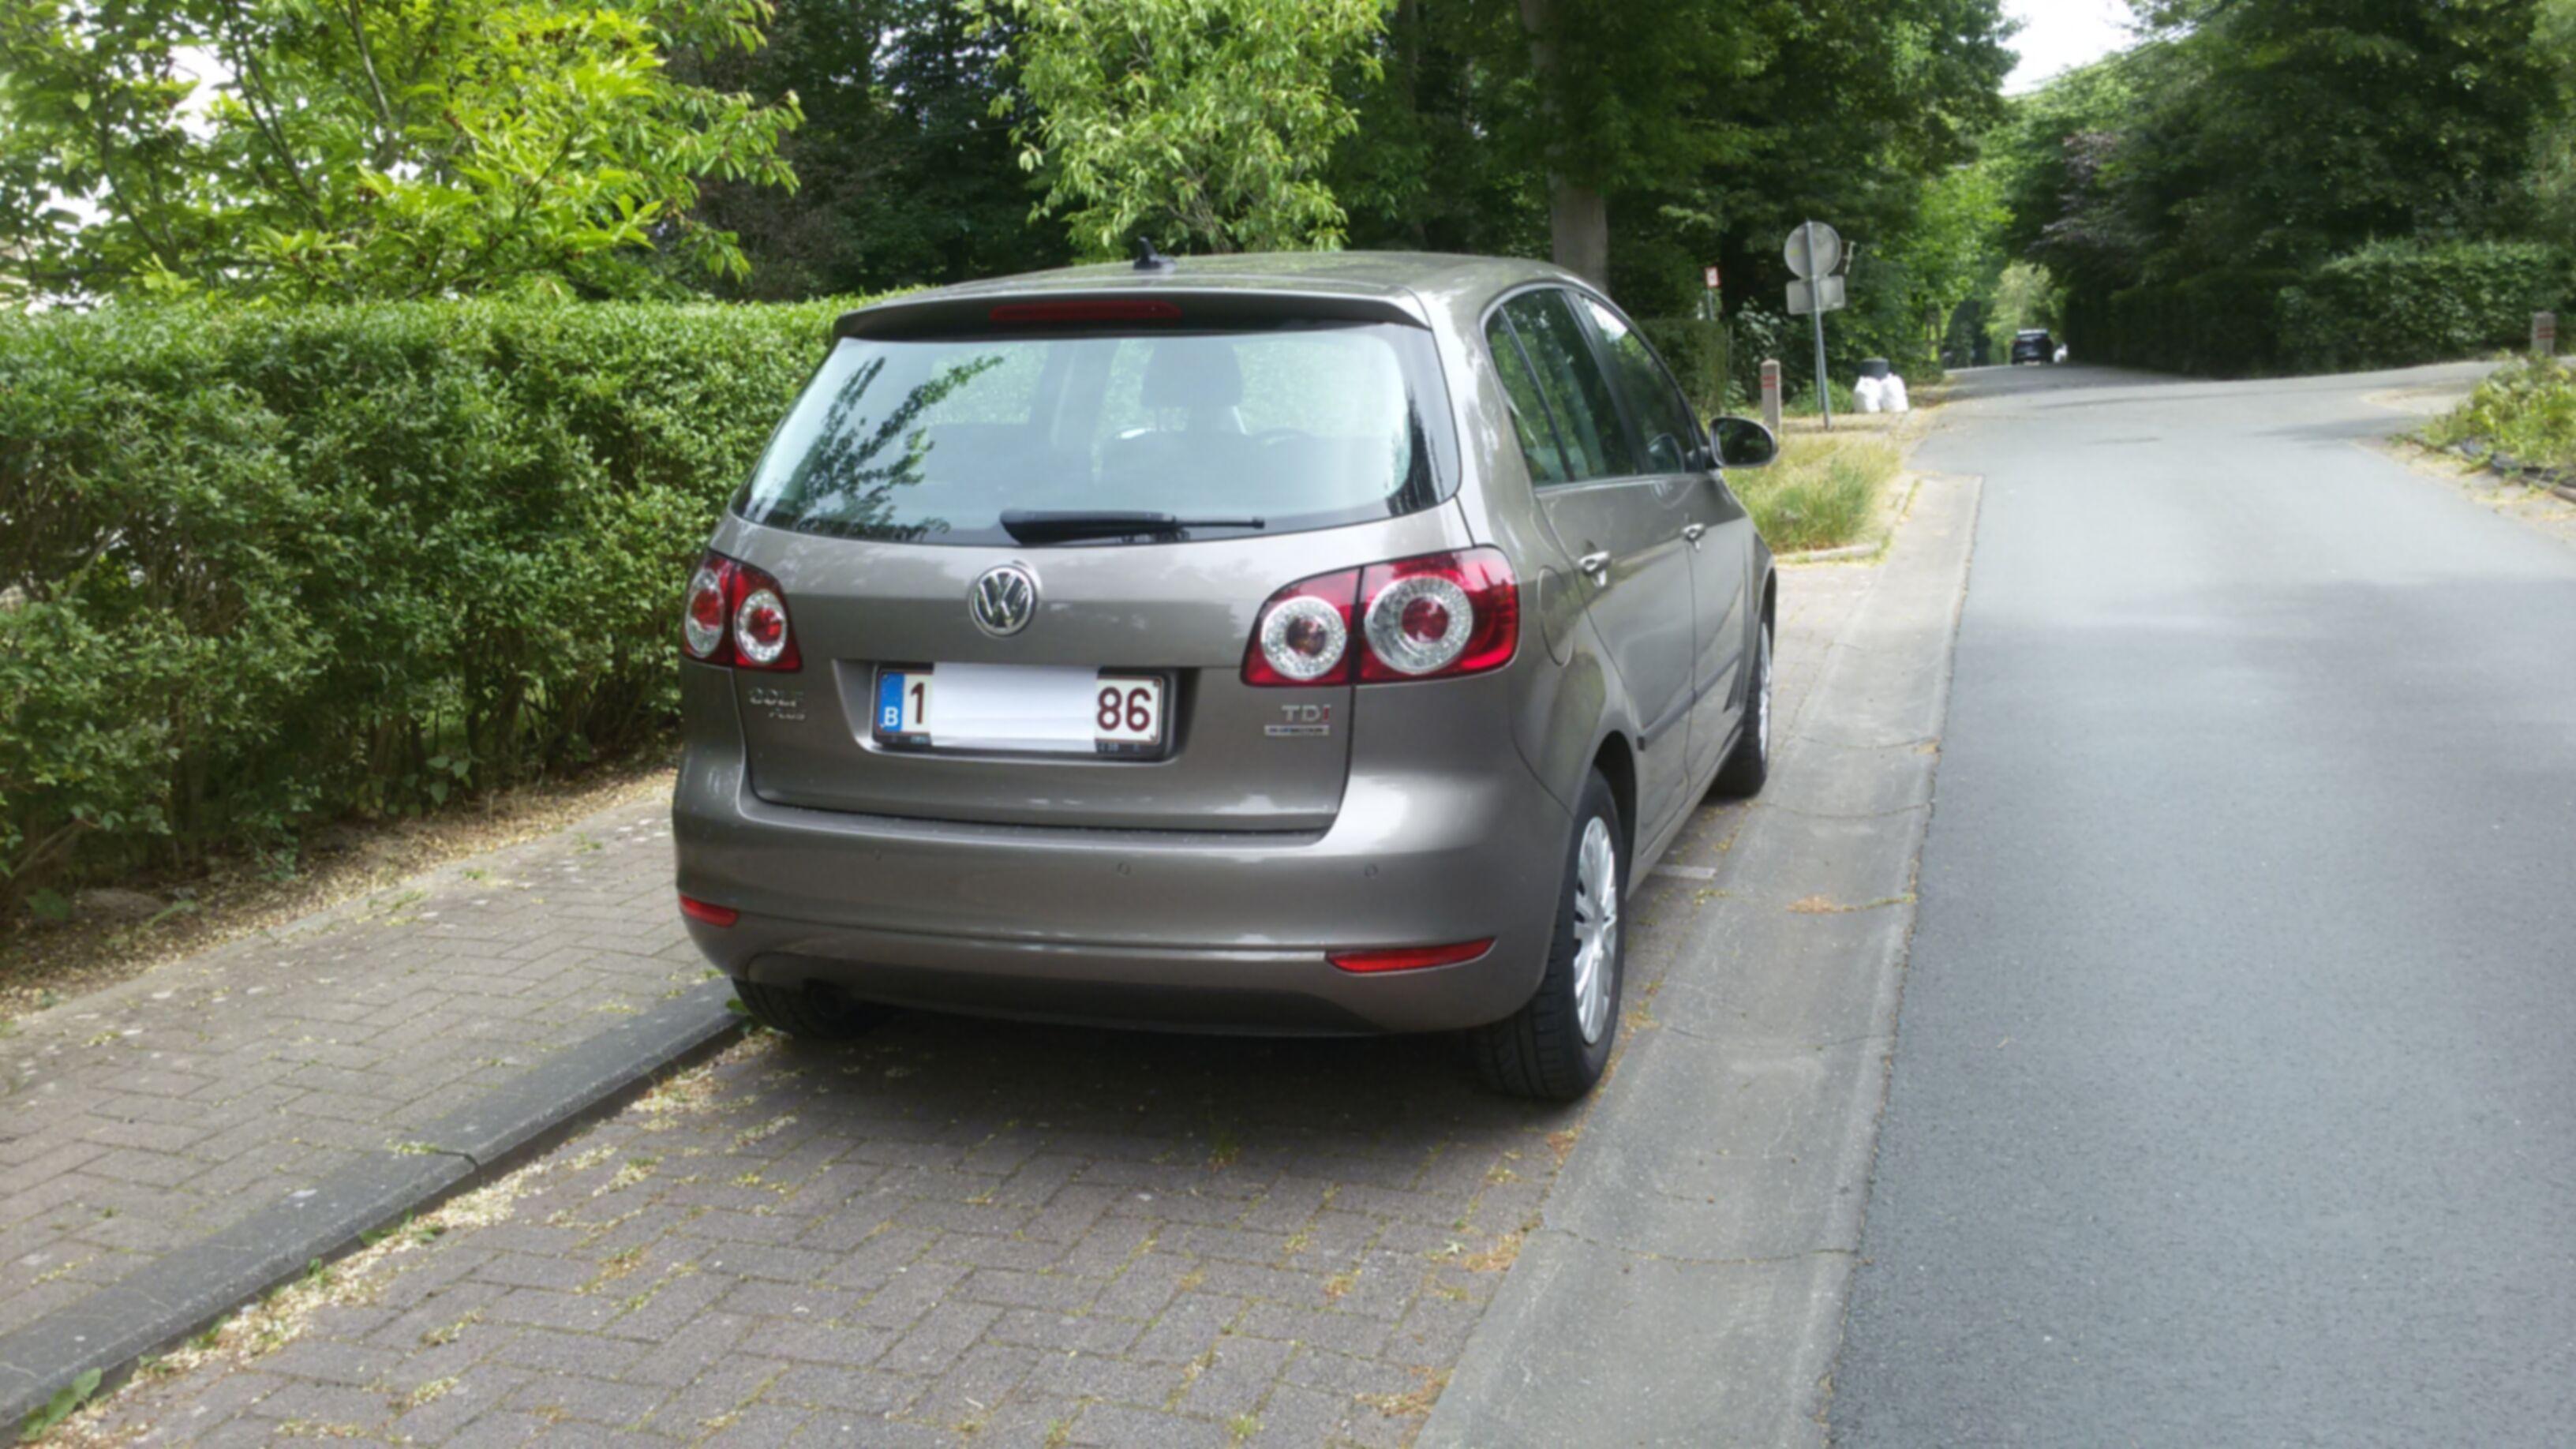 Volkswagen Golf Plus Dsl ACCAYCX0